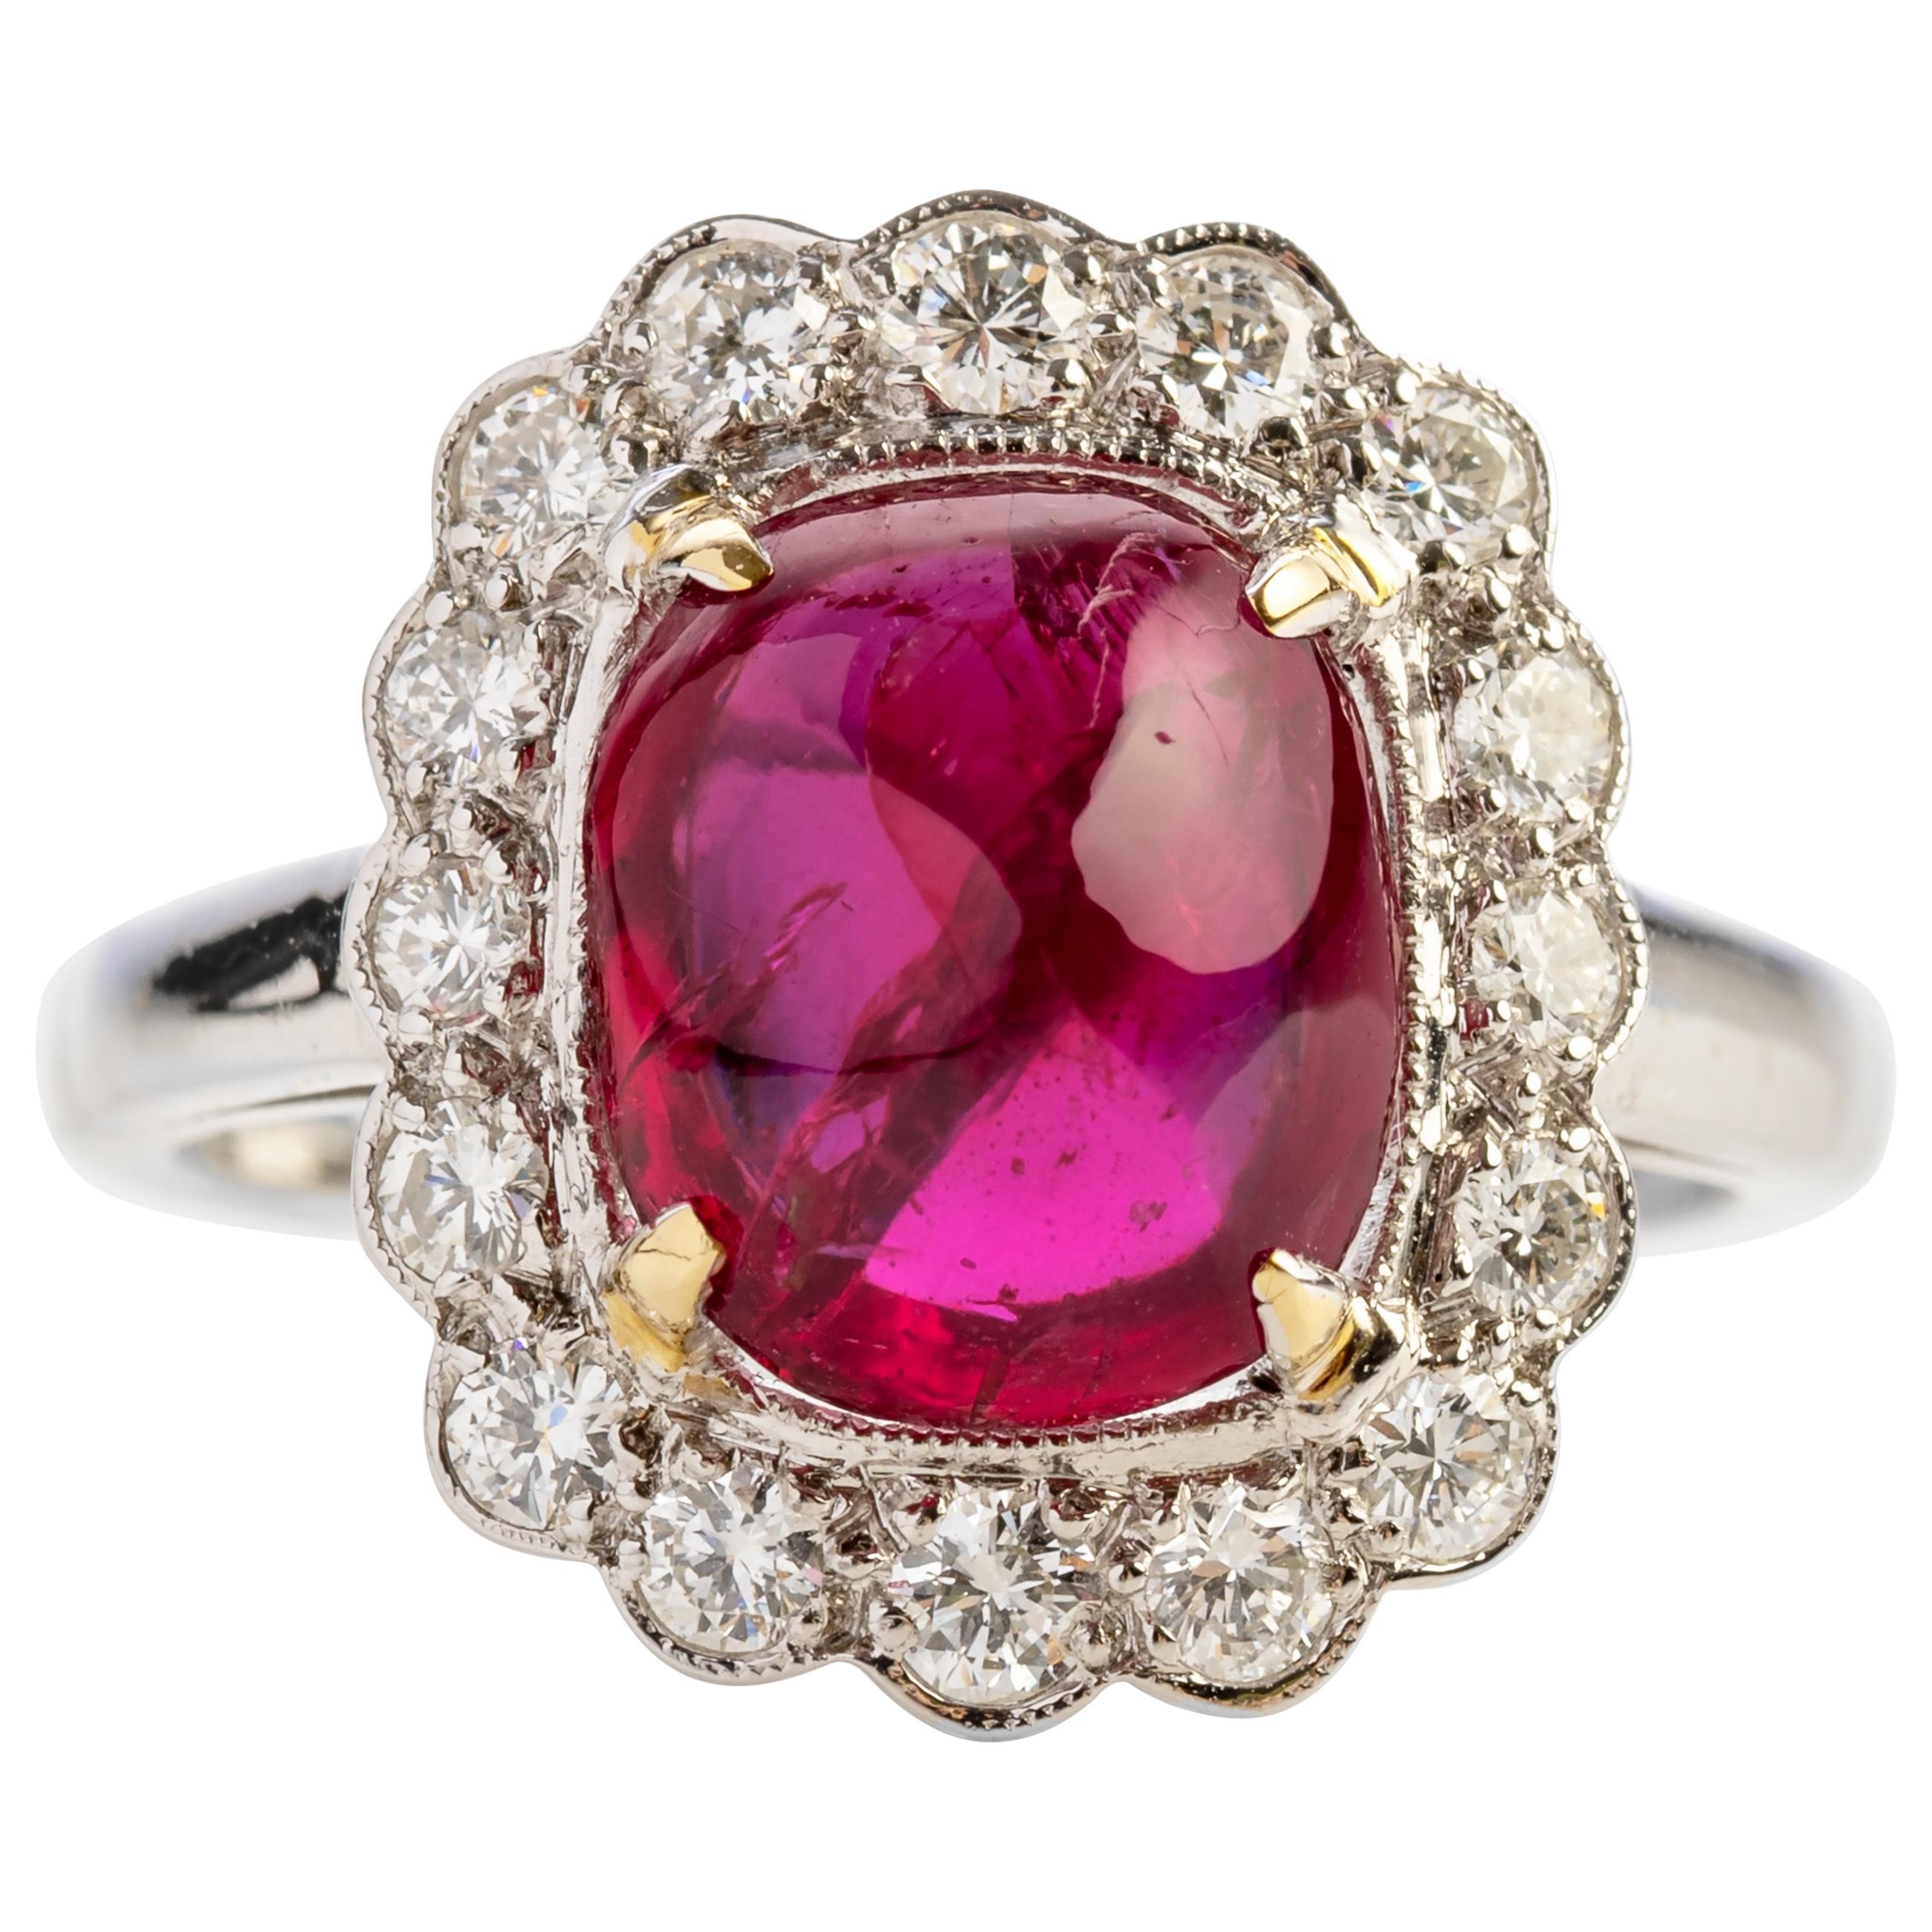 4 Carat Burma Ruby Ring Certified No-Heat